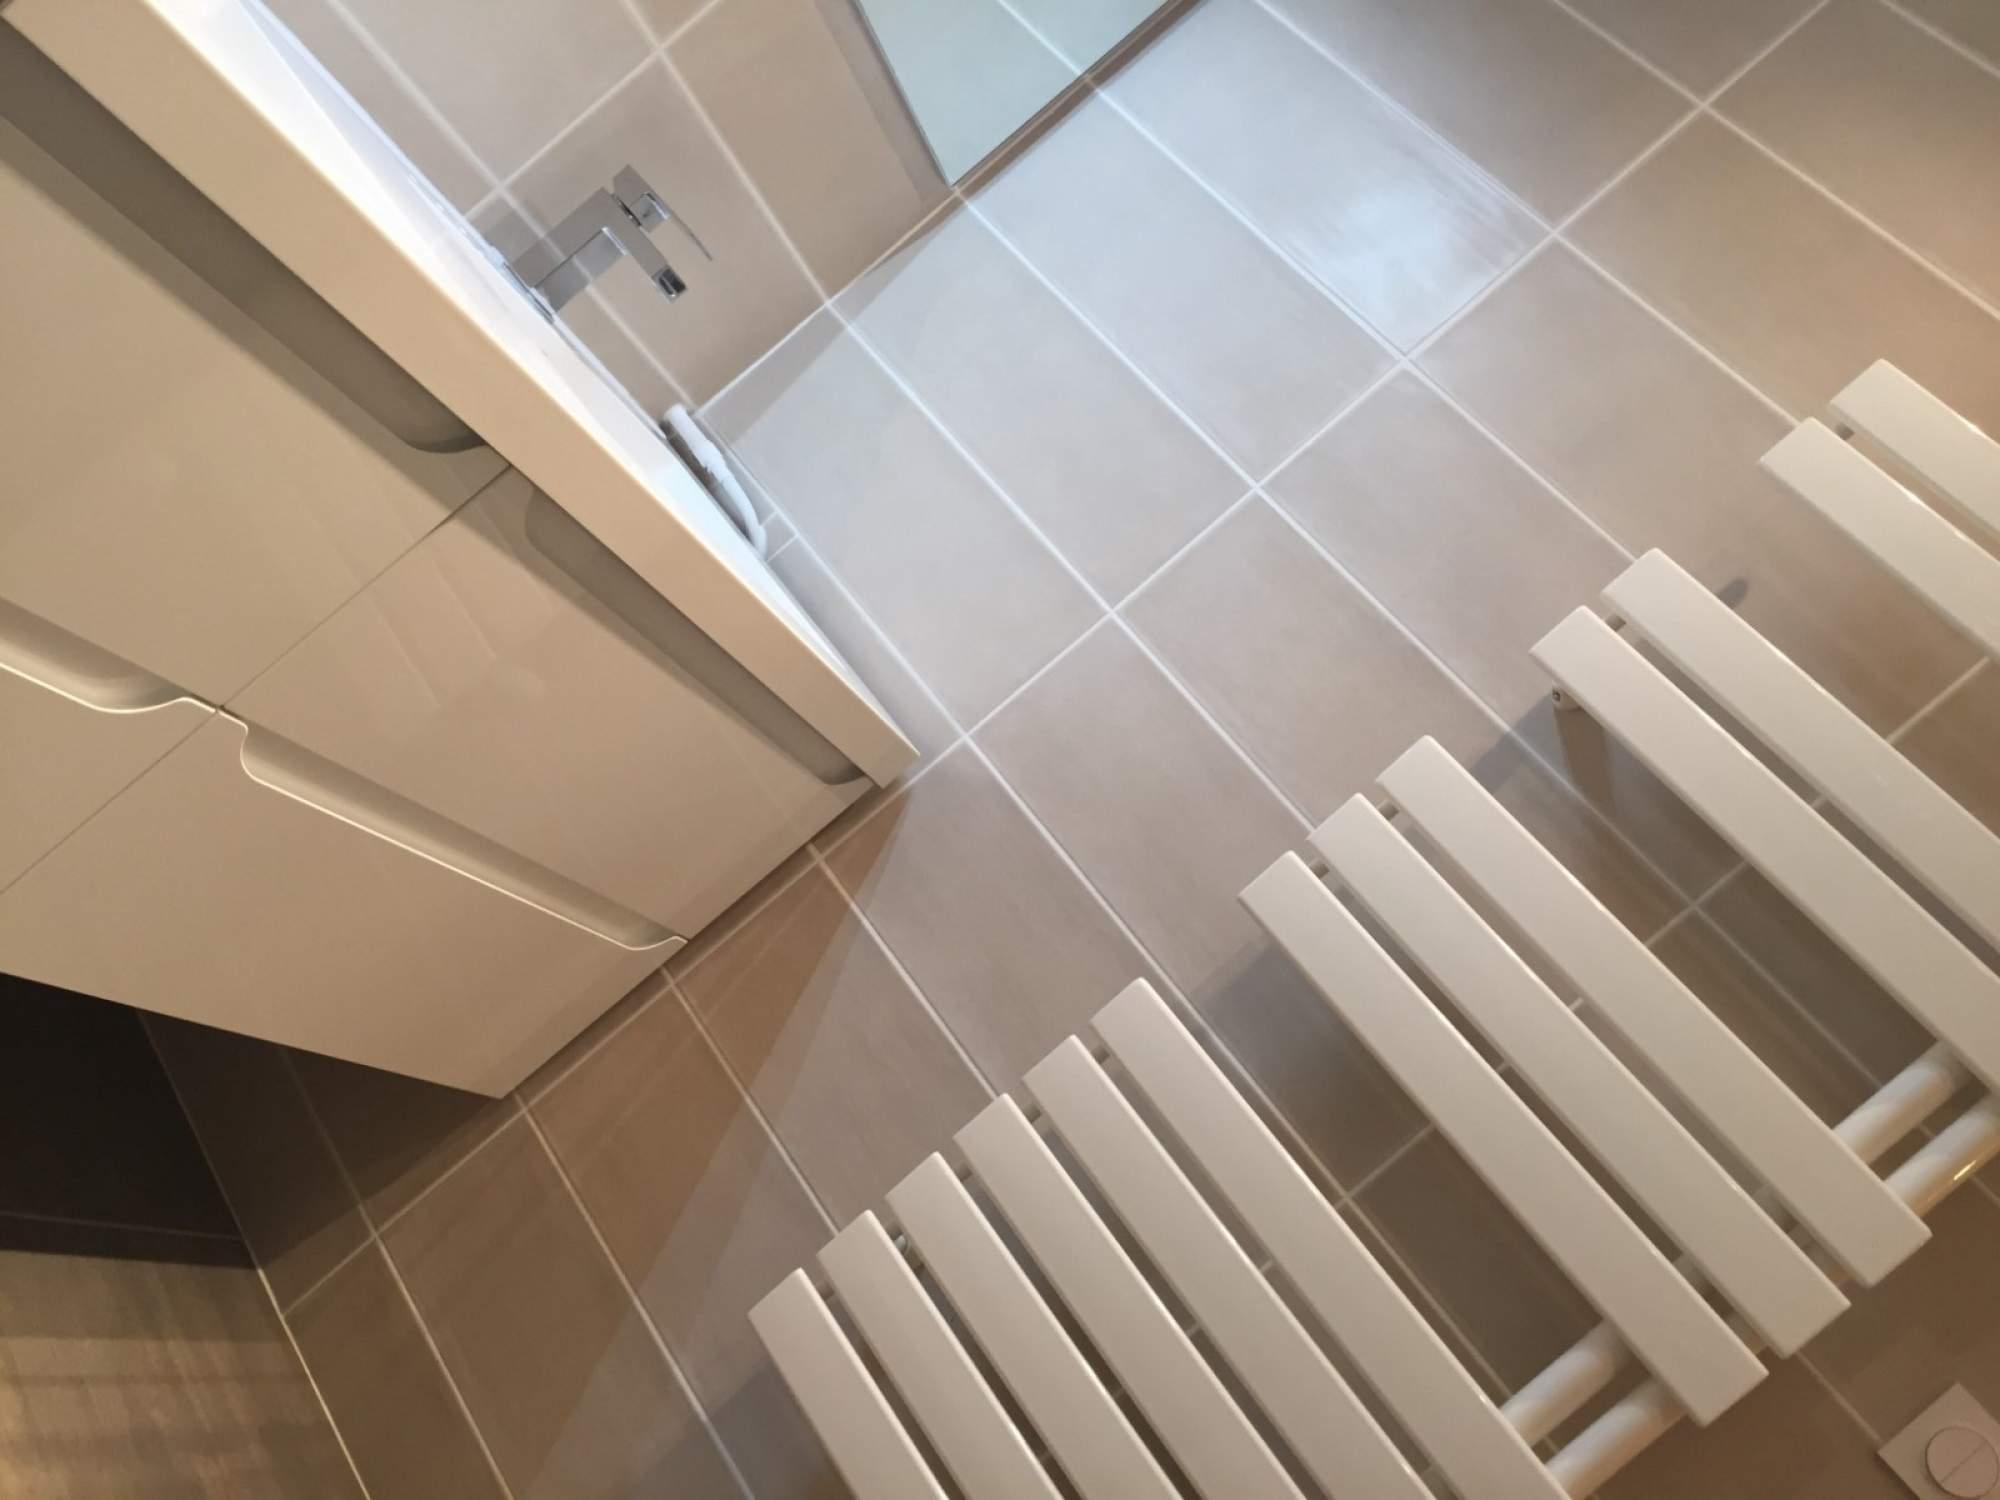 Salle de bains en travertin sur vitrolles carrelage for Salle de bain fonctionnelle